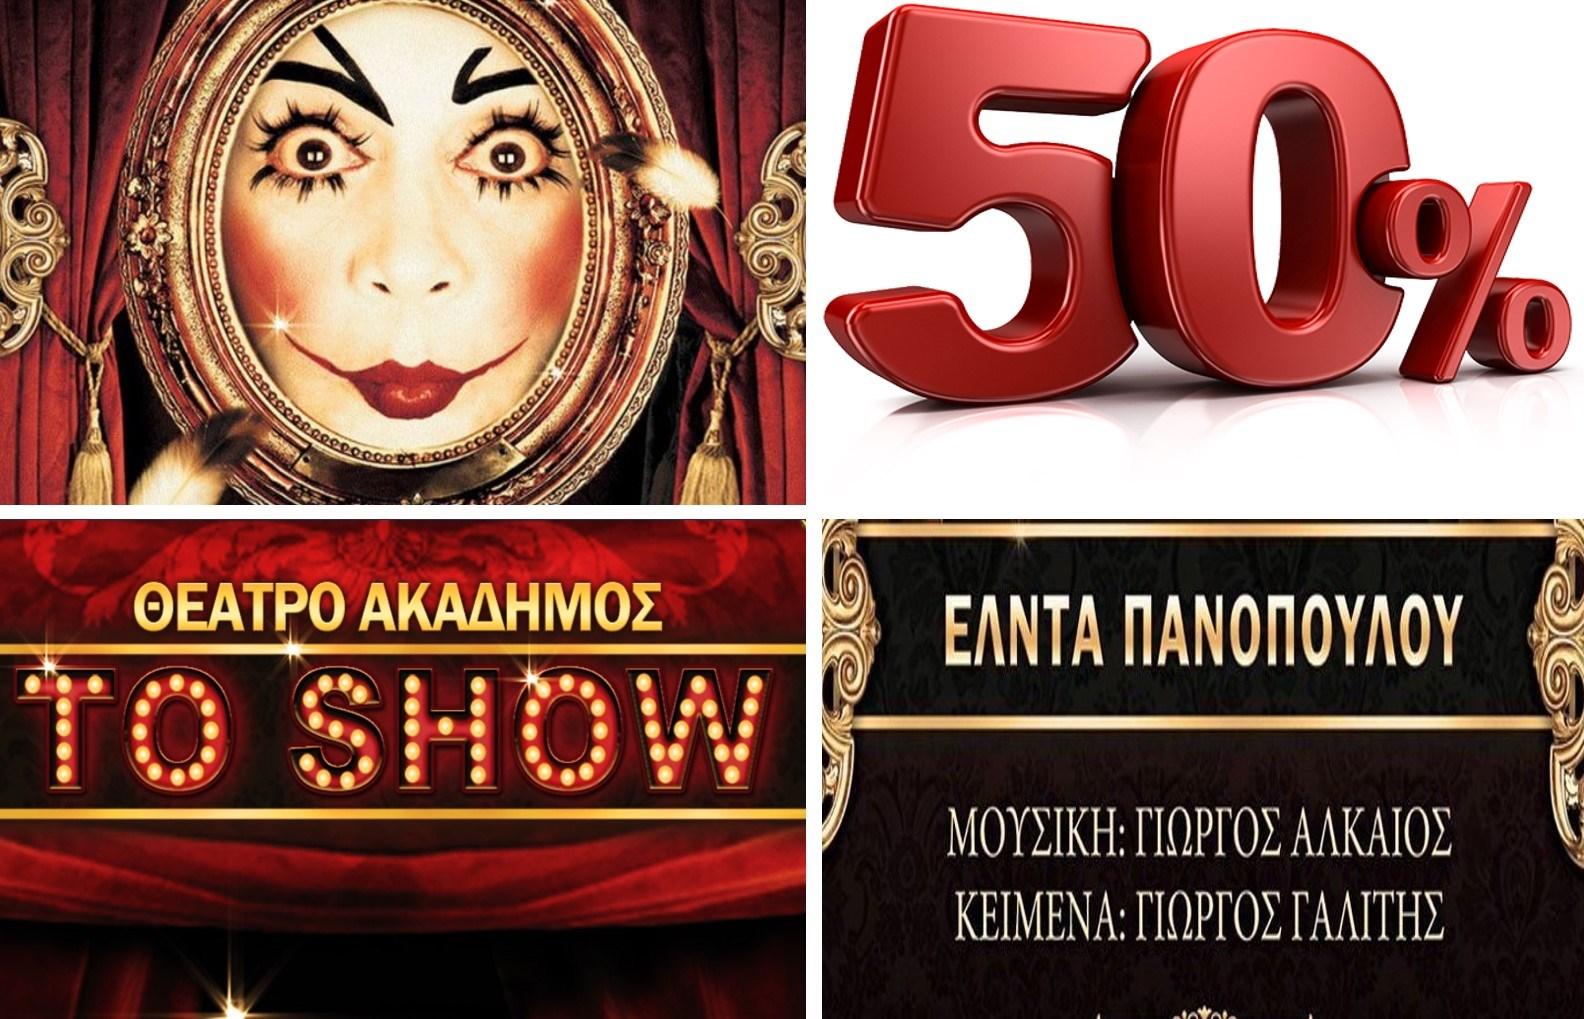 10€ από 20€ για είσοδο στην παράσταση ''ΤΟ SHOW'', το απόλυτο υπερθέαμα-υπερπαραγωγή του φετινού χειμώνα, με την Έλντα Πανοπούλου, σε μουσική Γιώργου Αλκαίου, στο θέατρο Ακάδημος